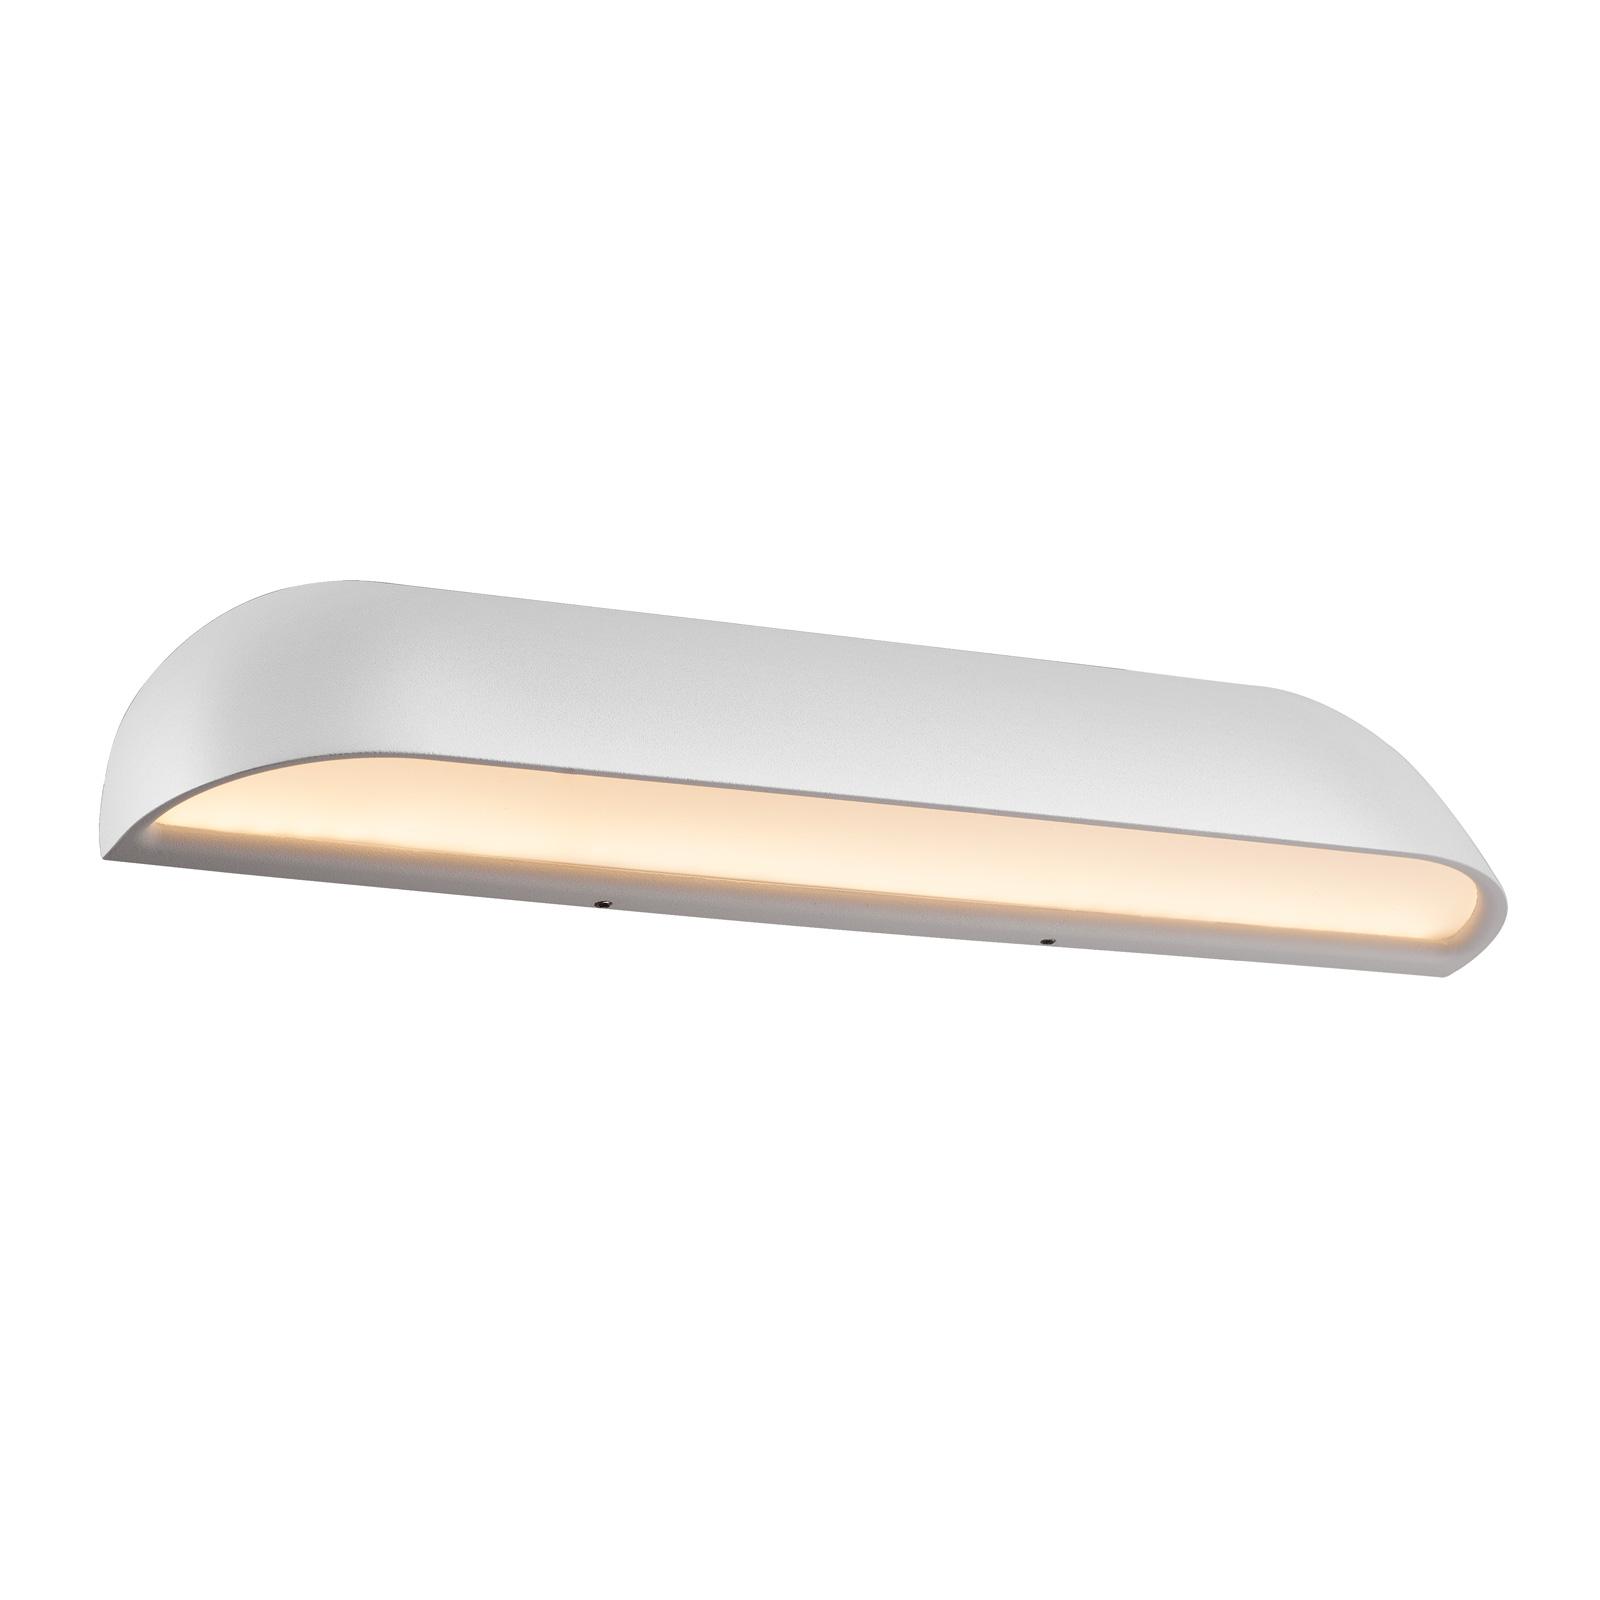 LED-Außenwandleuchte Front 36, weiß